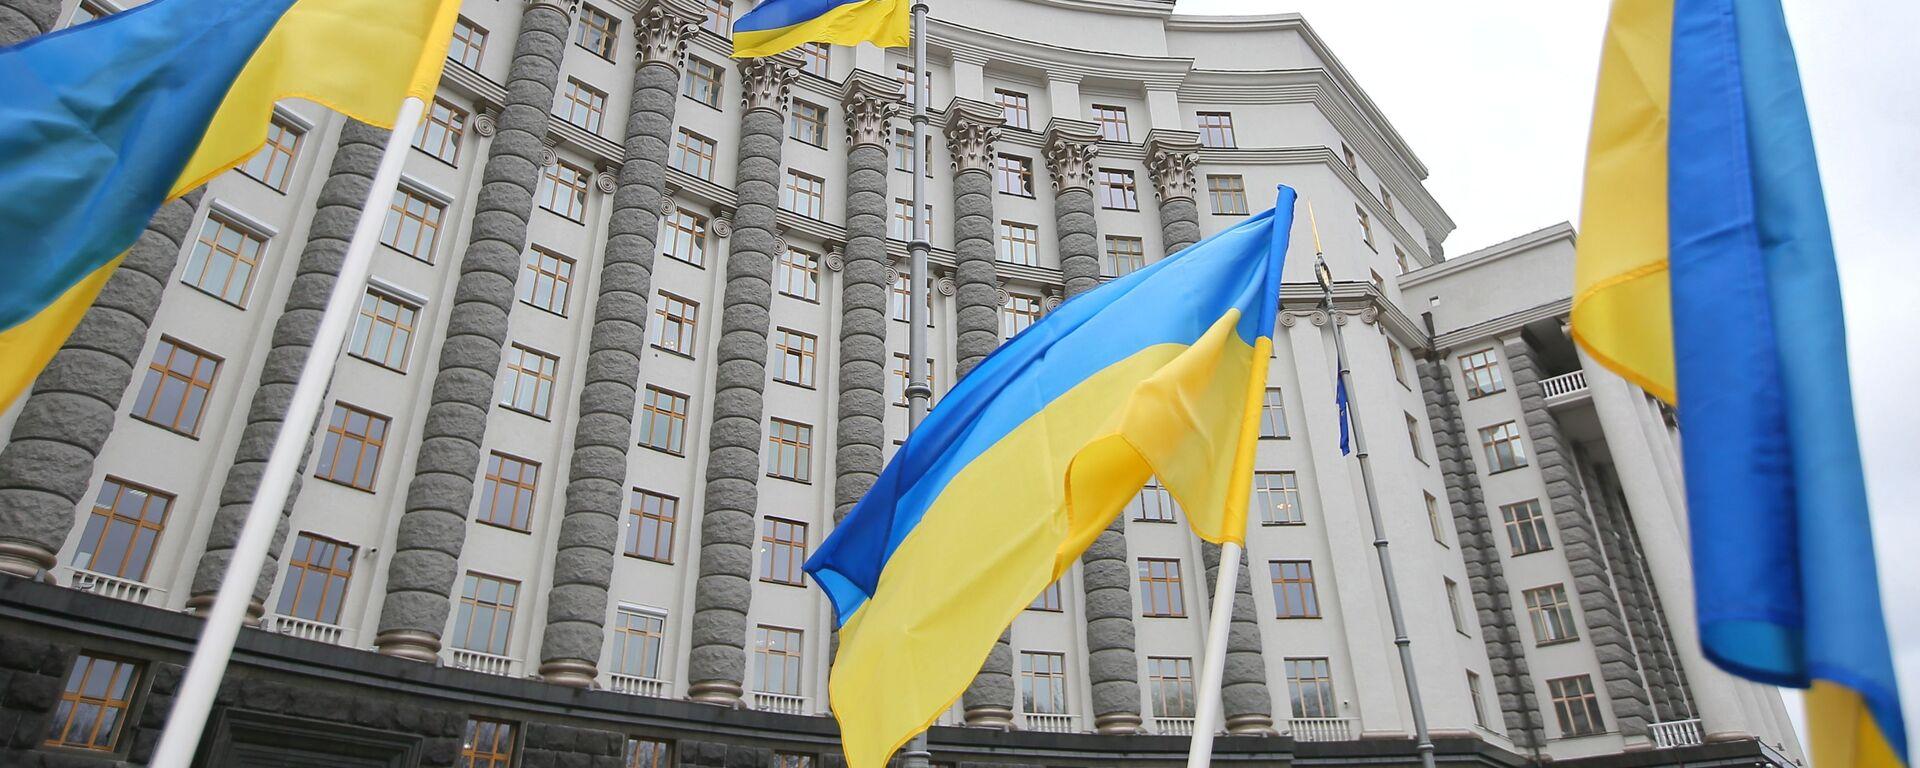 მთავრობის სახლი კიევში - Sputnik საქართველო, 1920, 08.04.2021